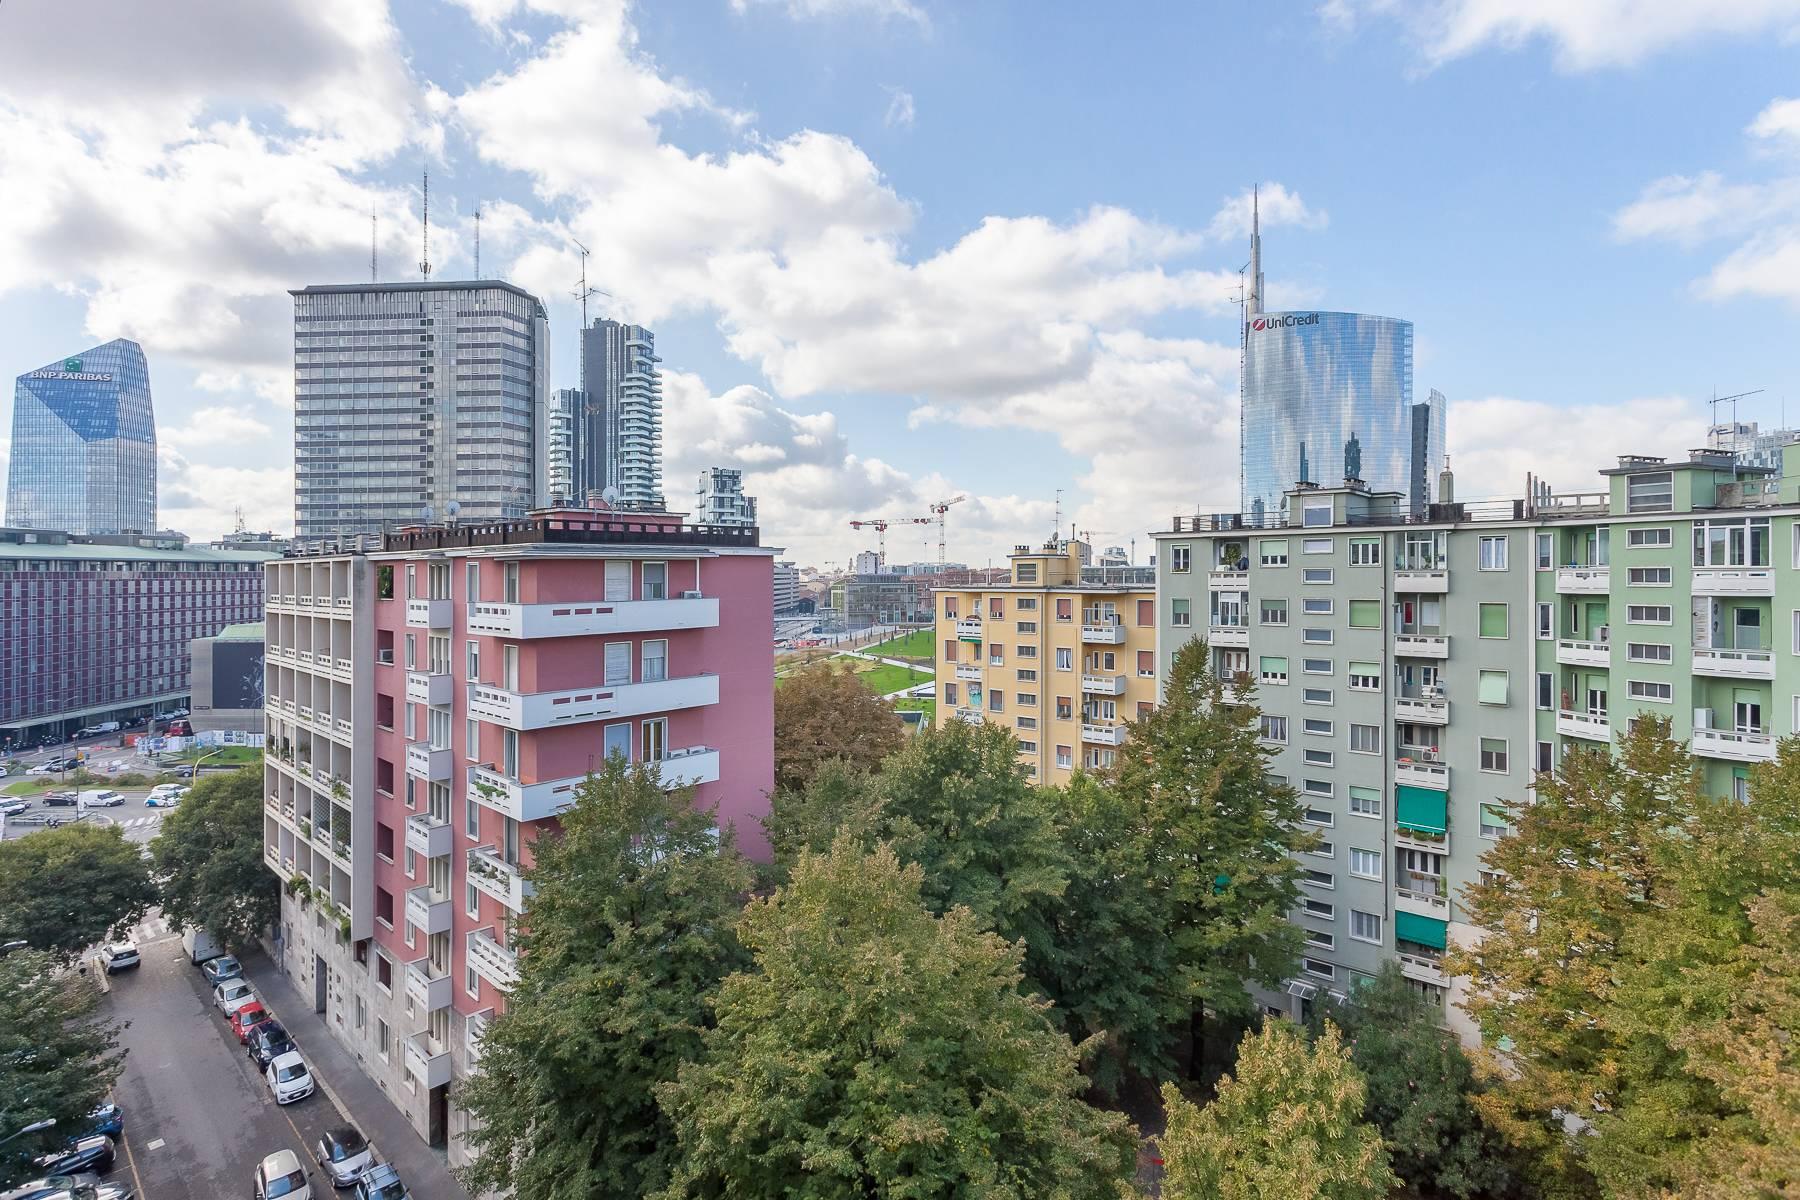 Attico in Affitto a Milano: 3 locali, 115 mq - Foto 19